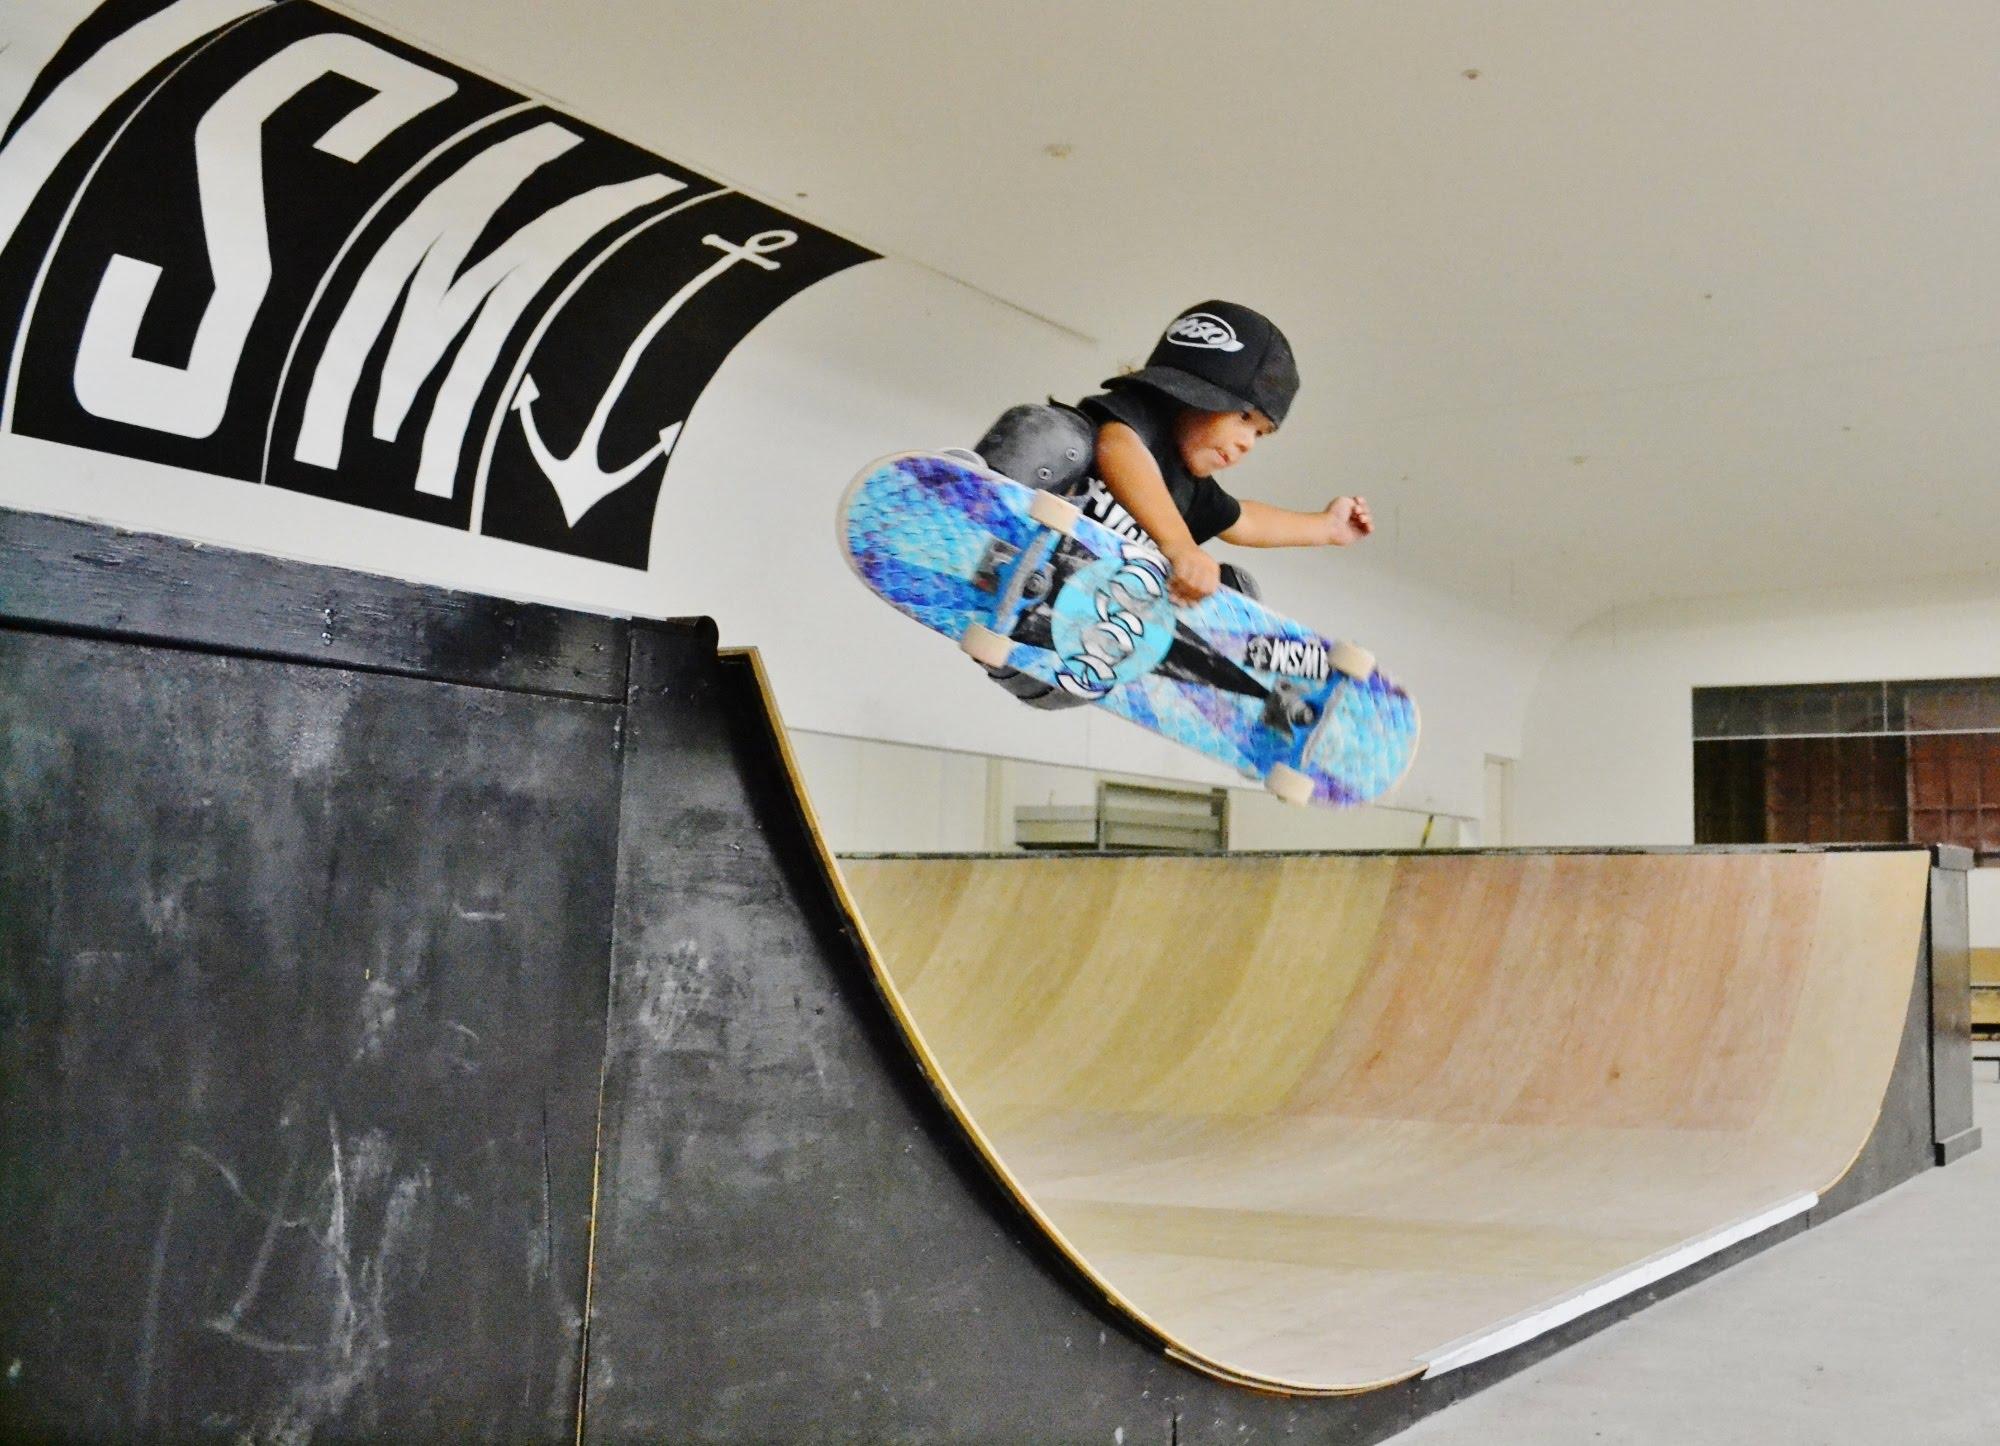 スカイ(7歳)&オーシャン(3歳)のスーパーキッズ×スケートセッション@宮崎